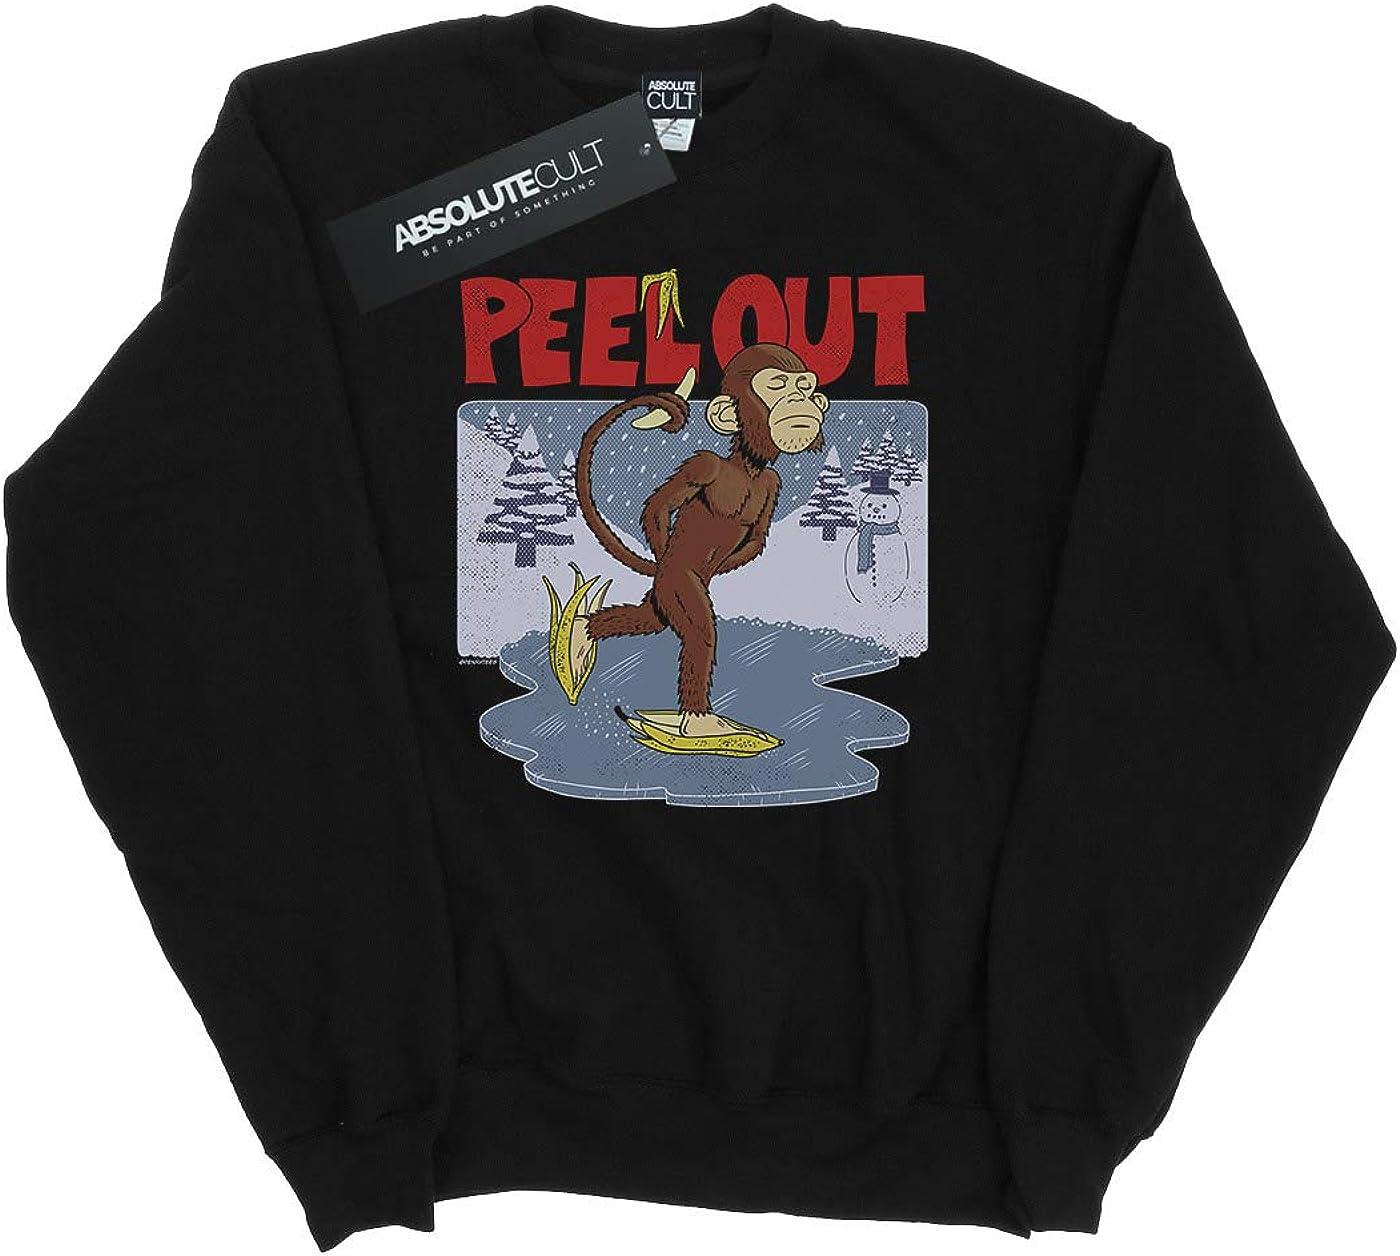 Absolute Cult Pennytees Girls Peel Out Sweatshirt